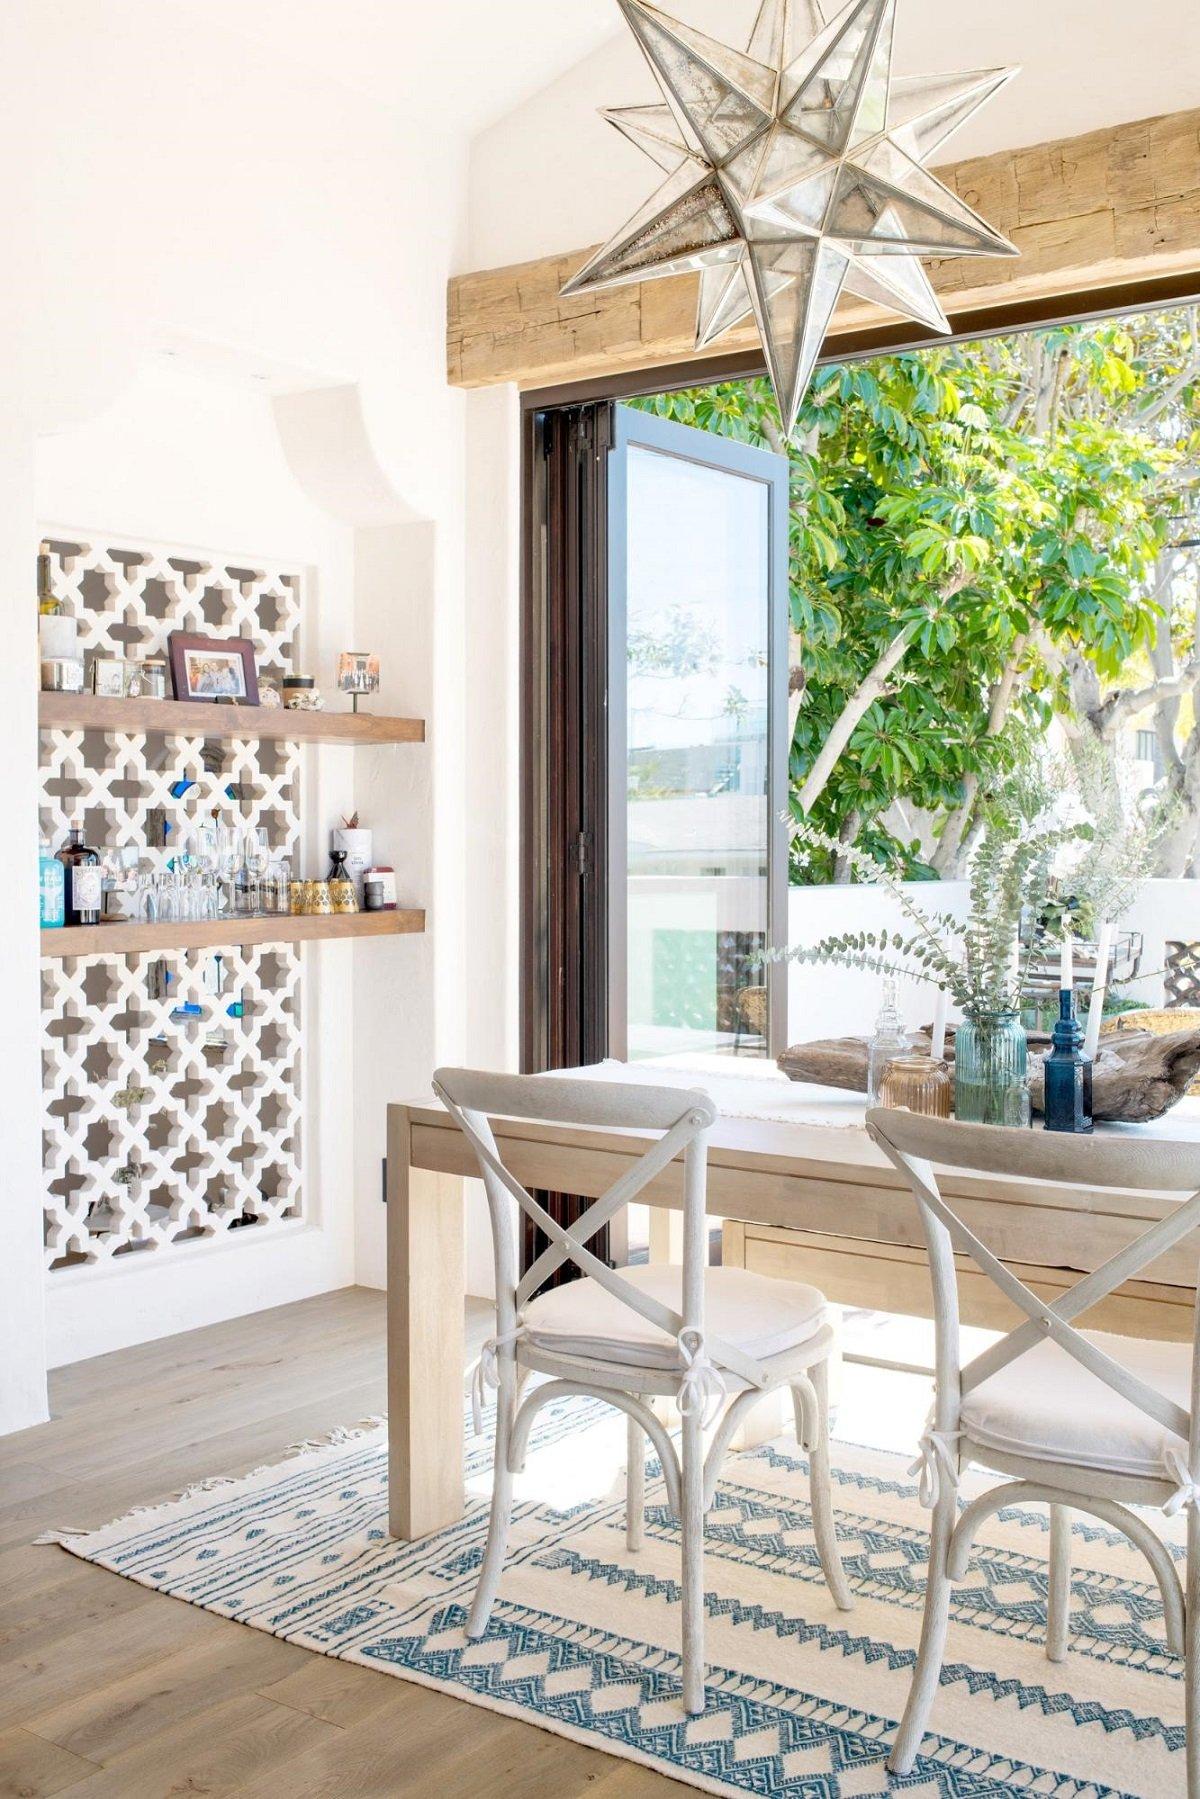 Floor to ceiling door in renovated Spanish bungalow kitchen